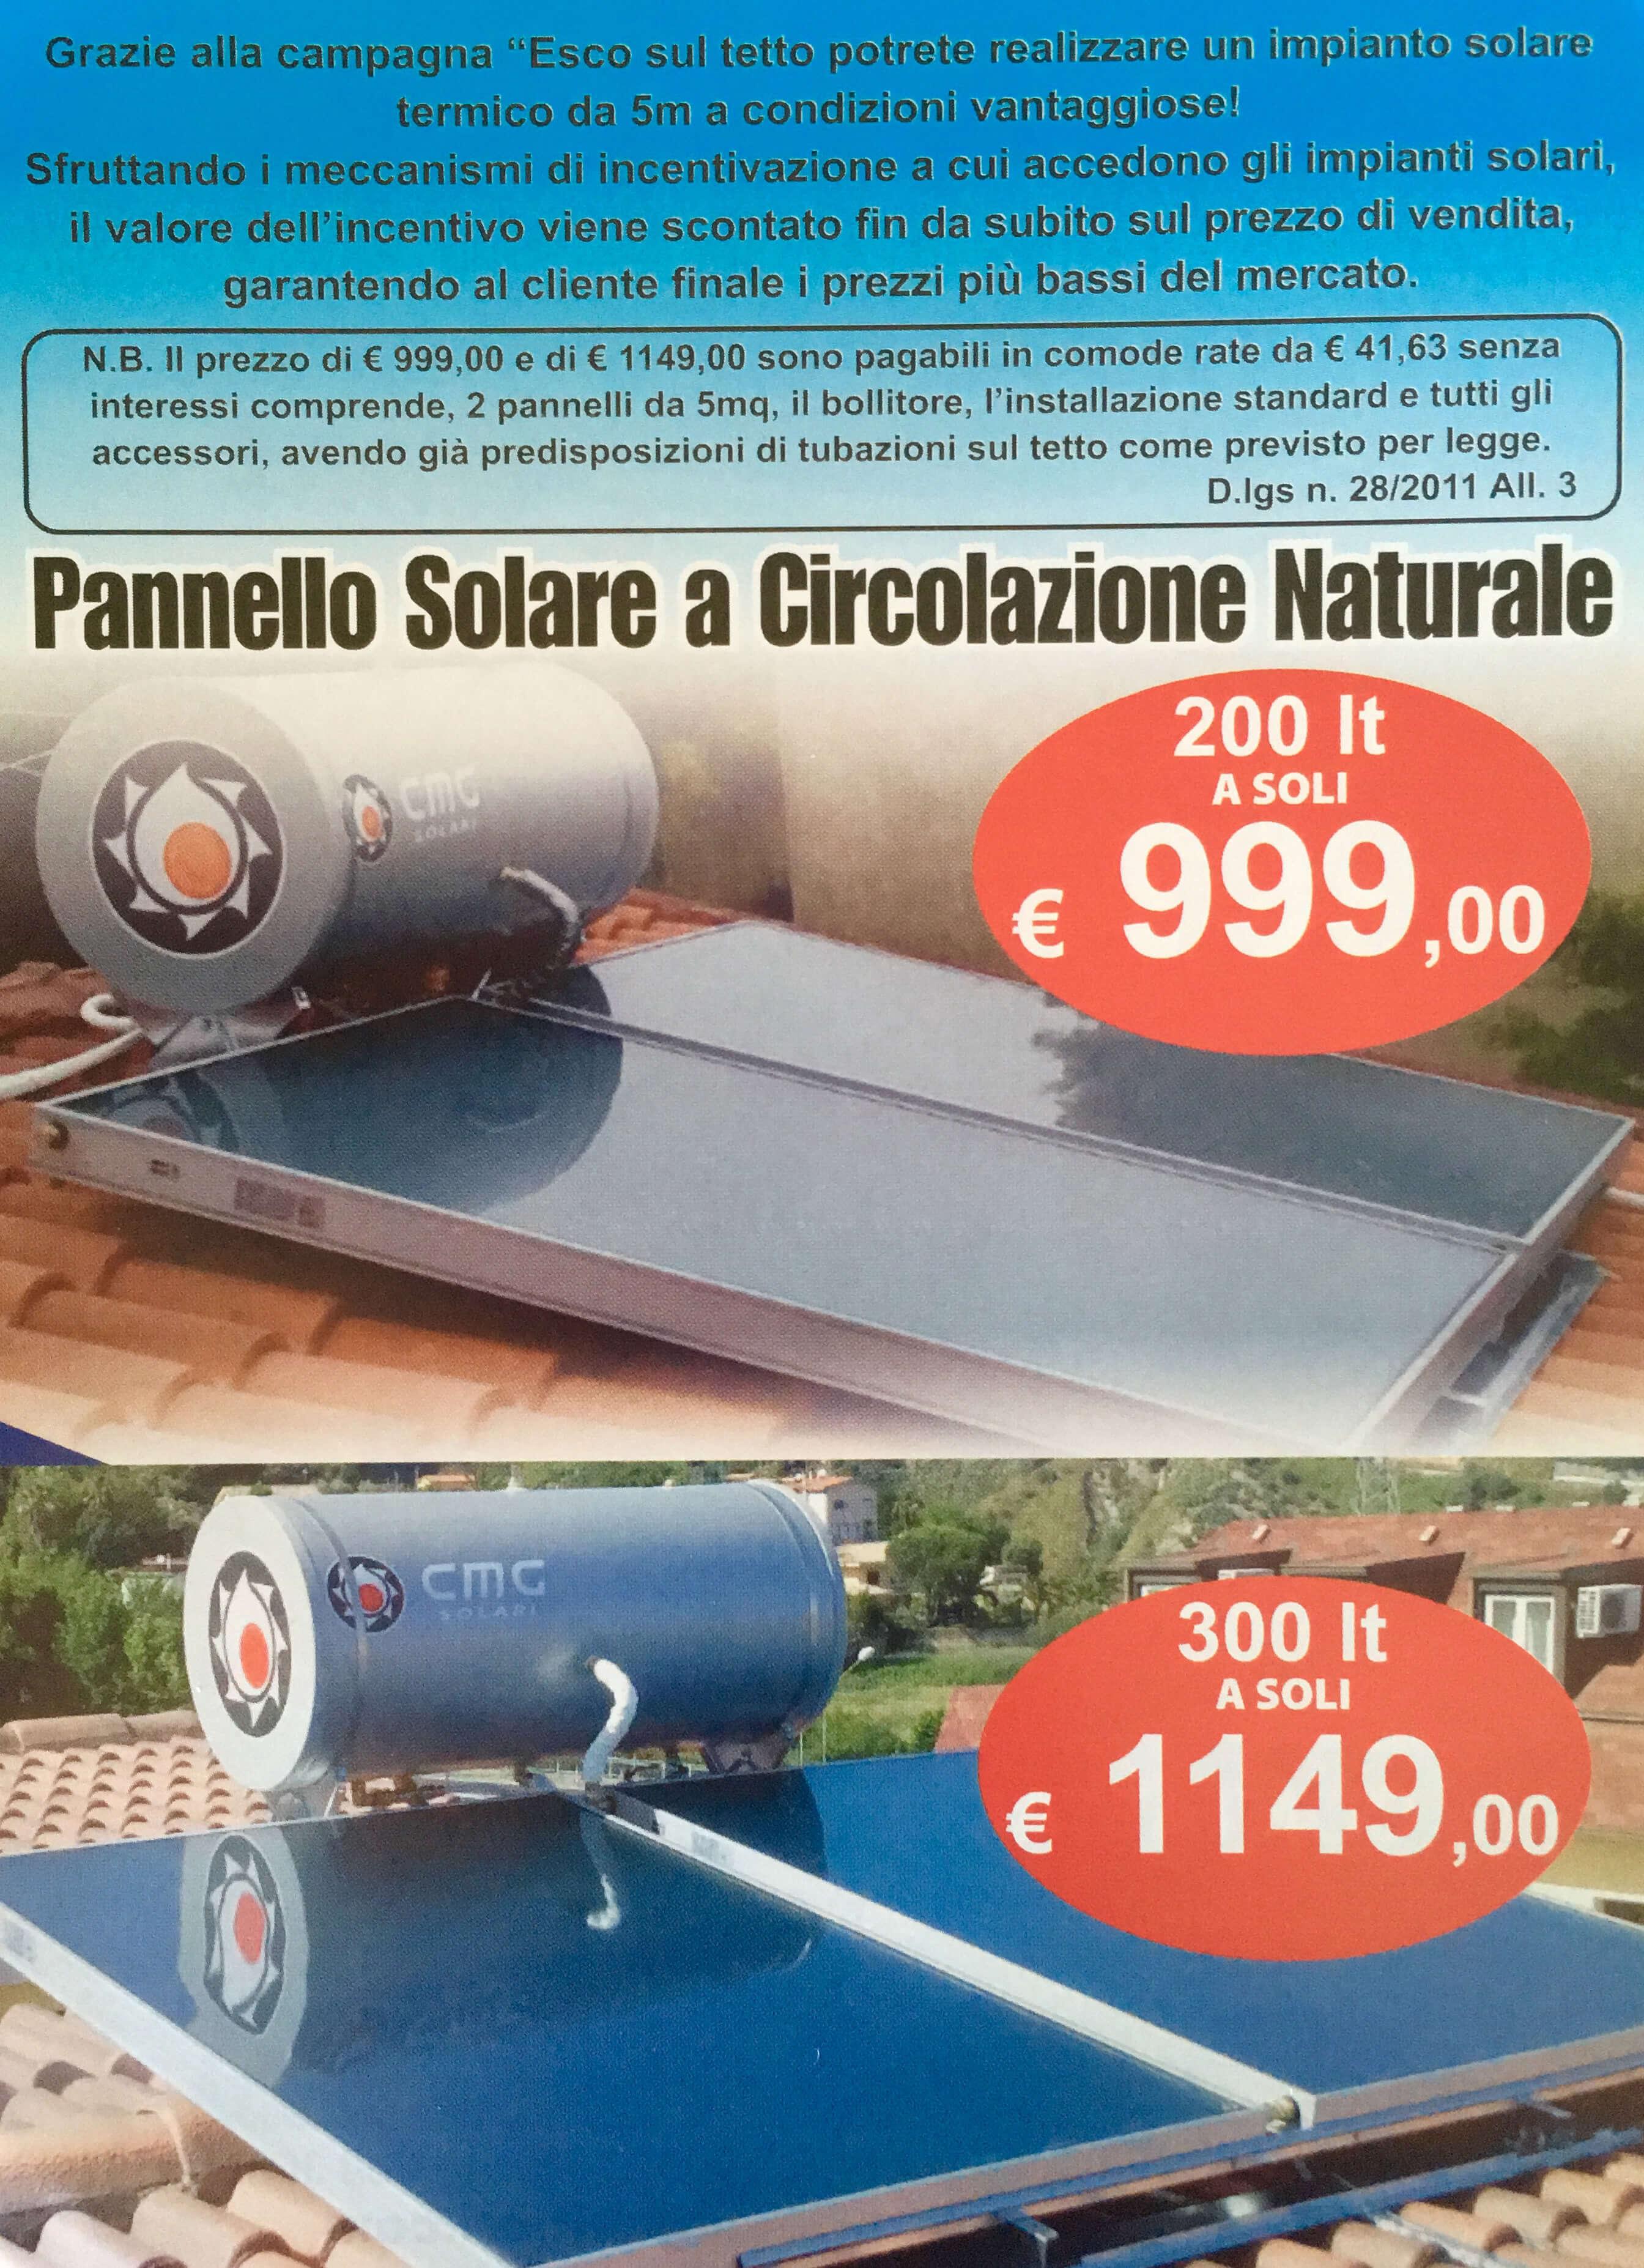 Kit Pannello Solare Circolazione Naturale : Promo pannello solare termico da mq raffaele gualtieri